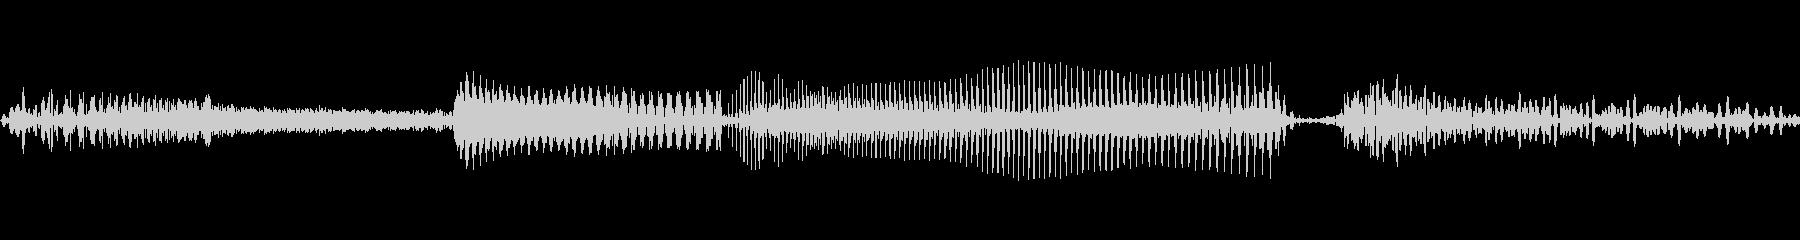 電子誤作動V.1宇宙警報と機能不全の未再生の波形